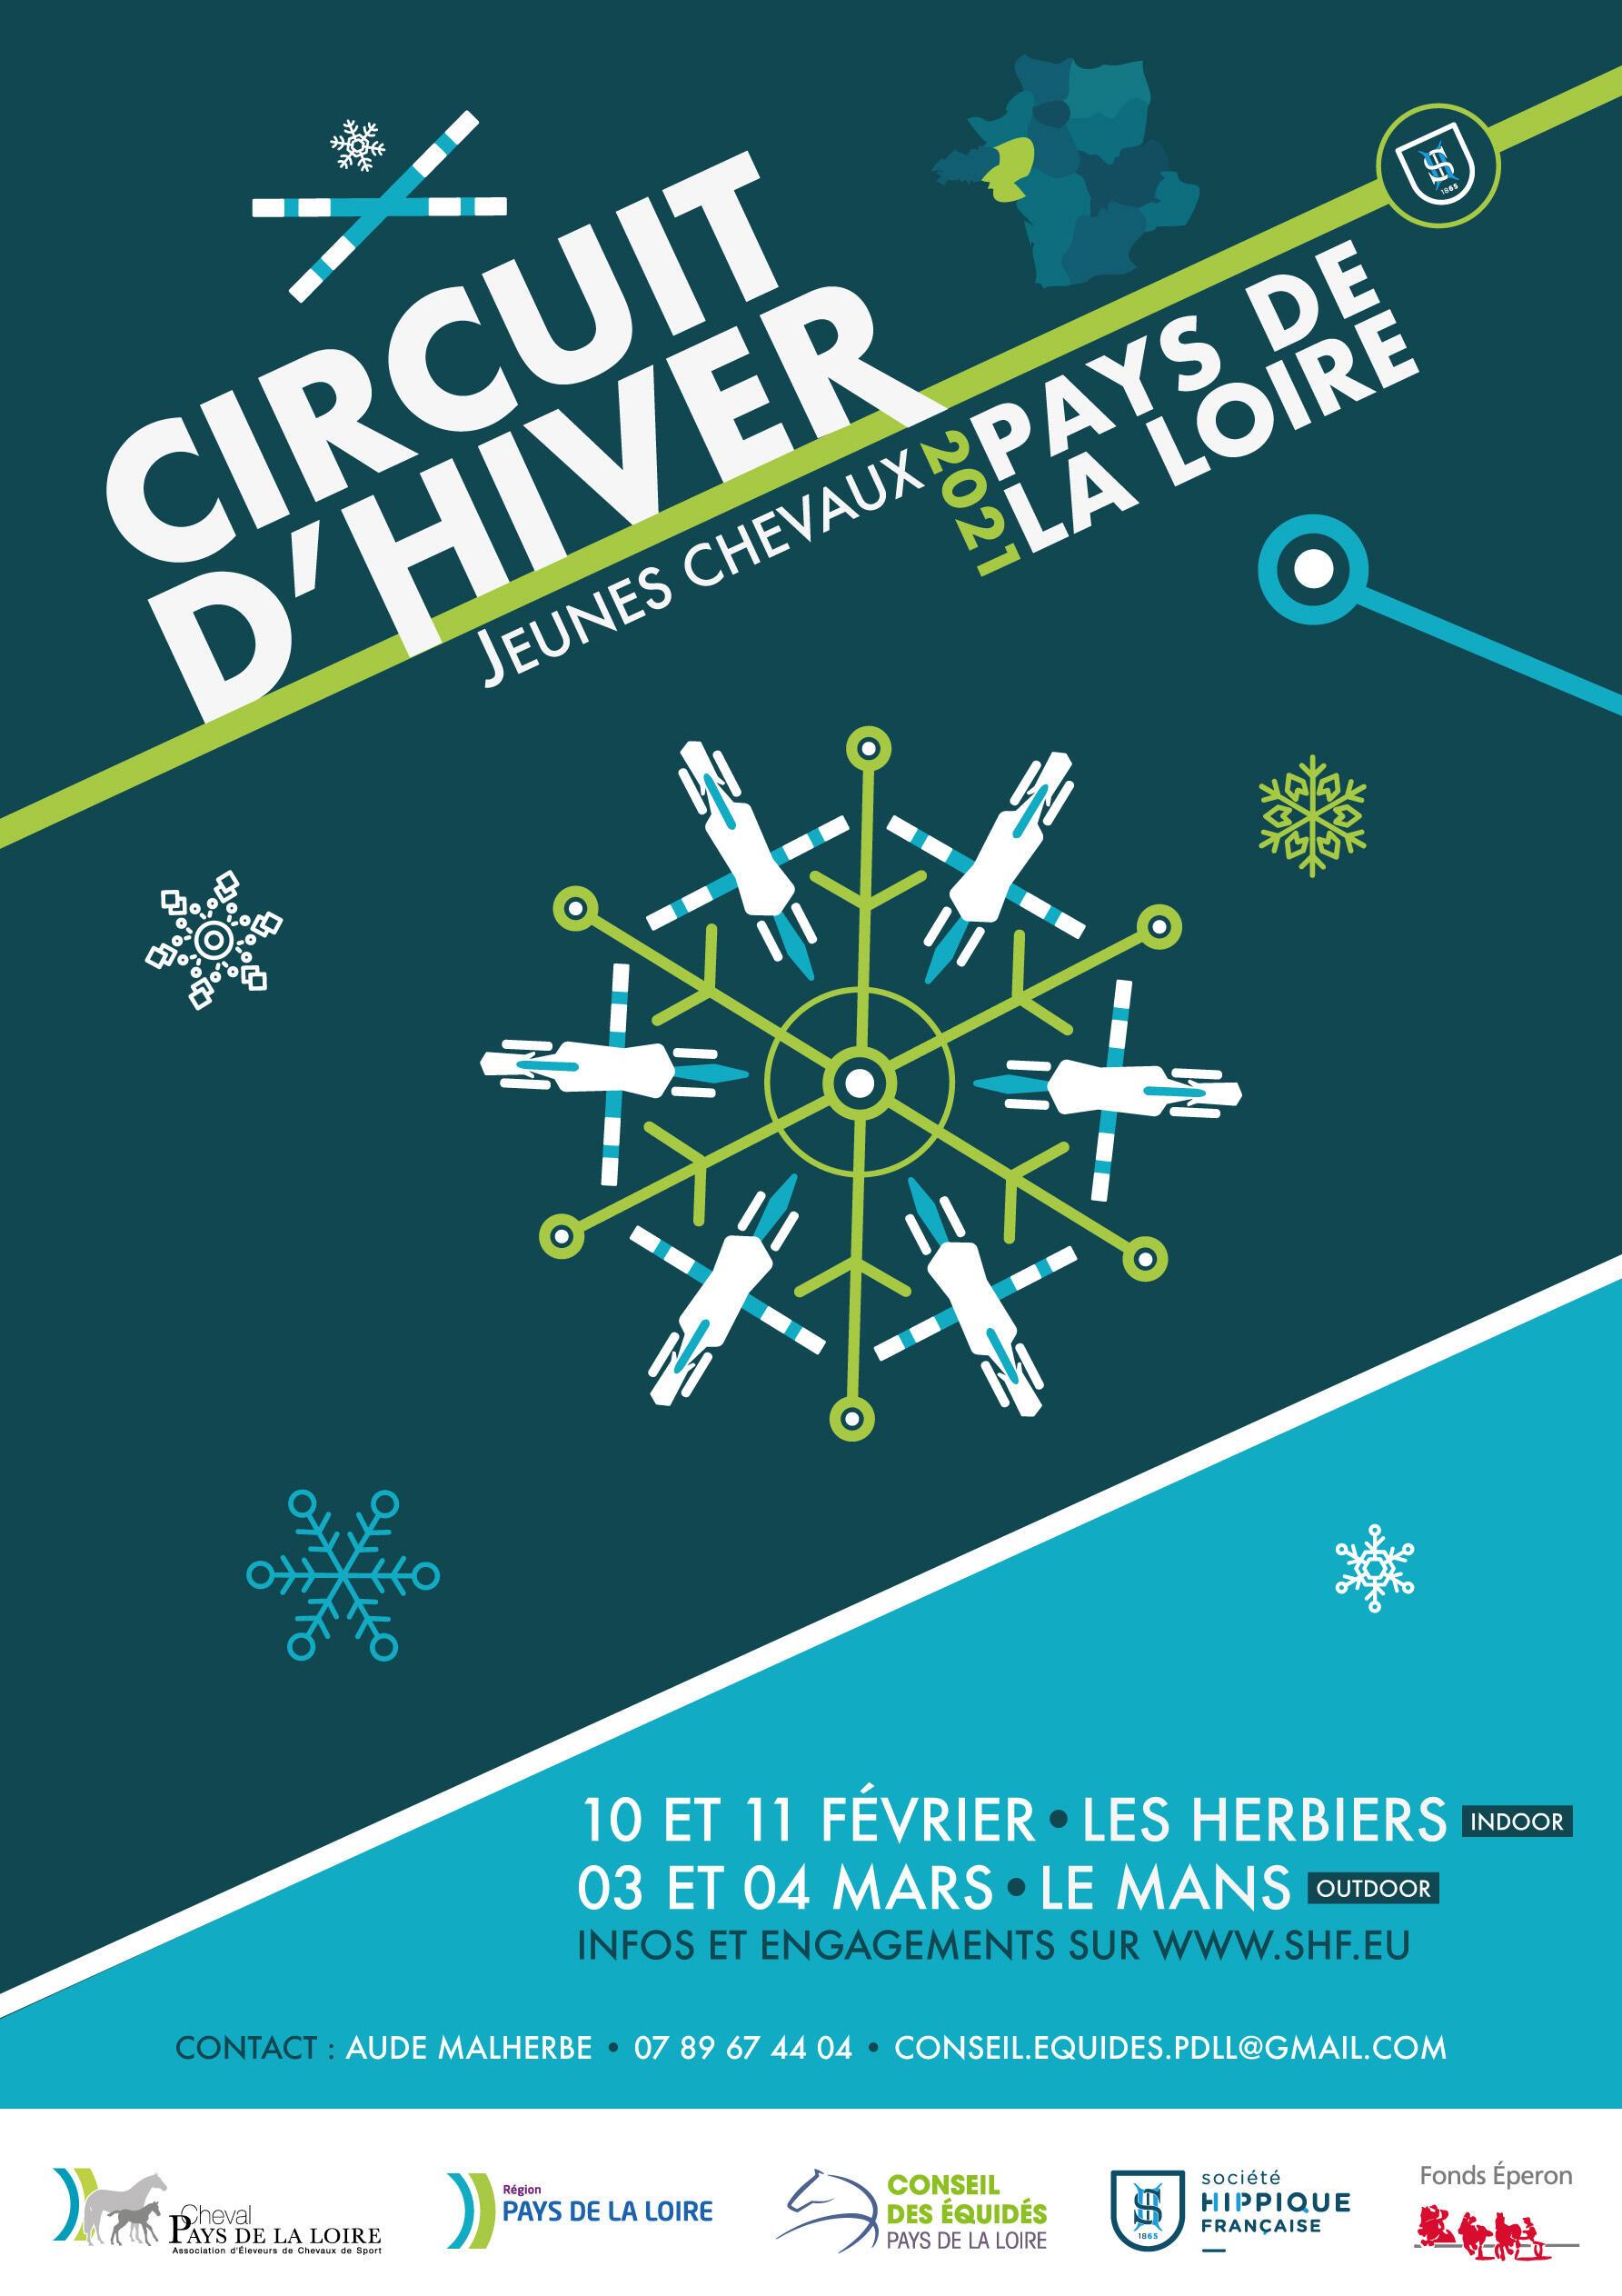 Engagements ouverts pour le circuit d'hiver SHF au Mans (03-04 mars)